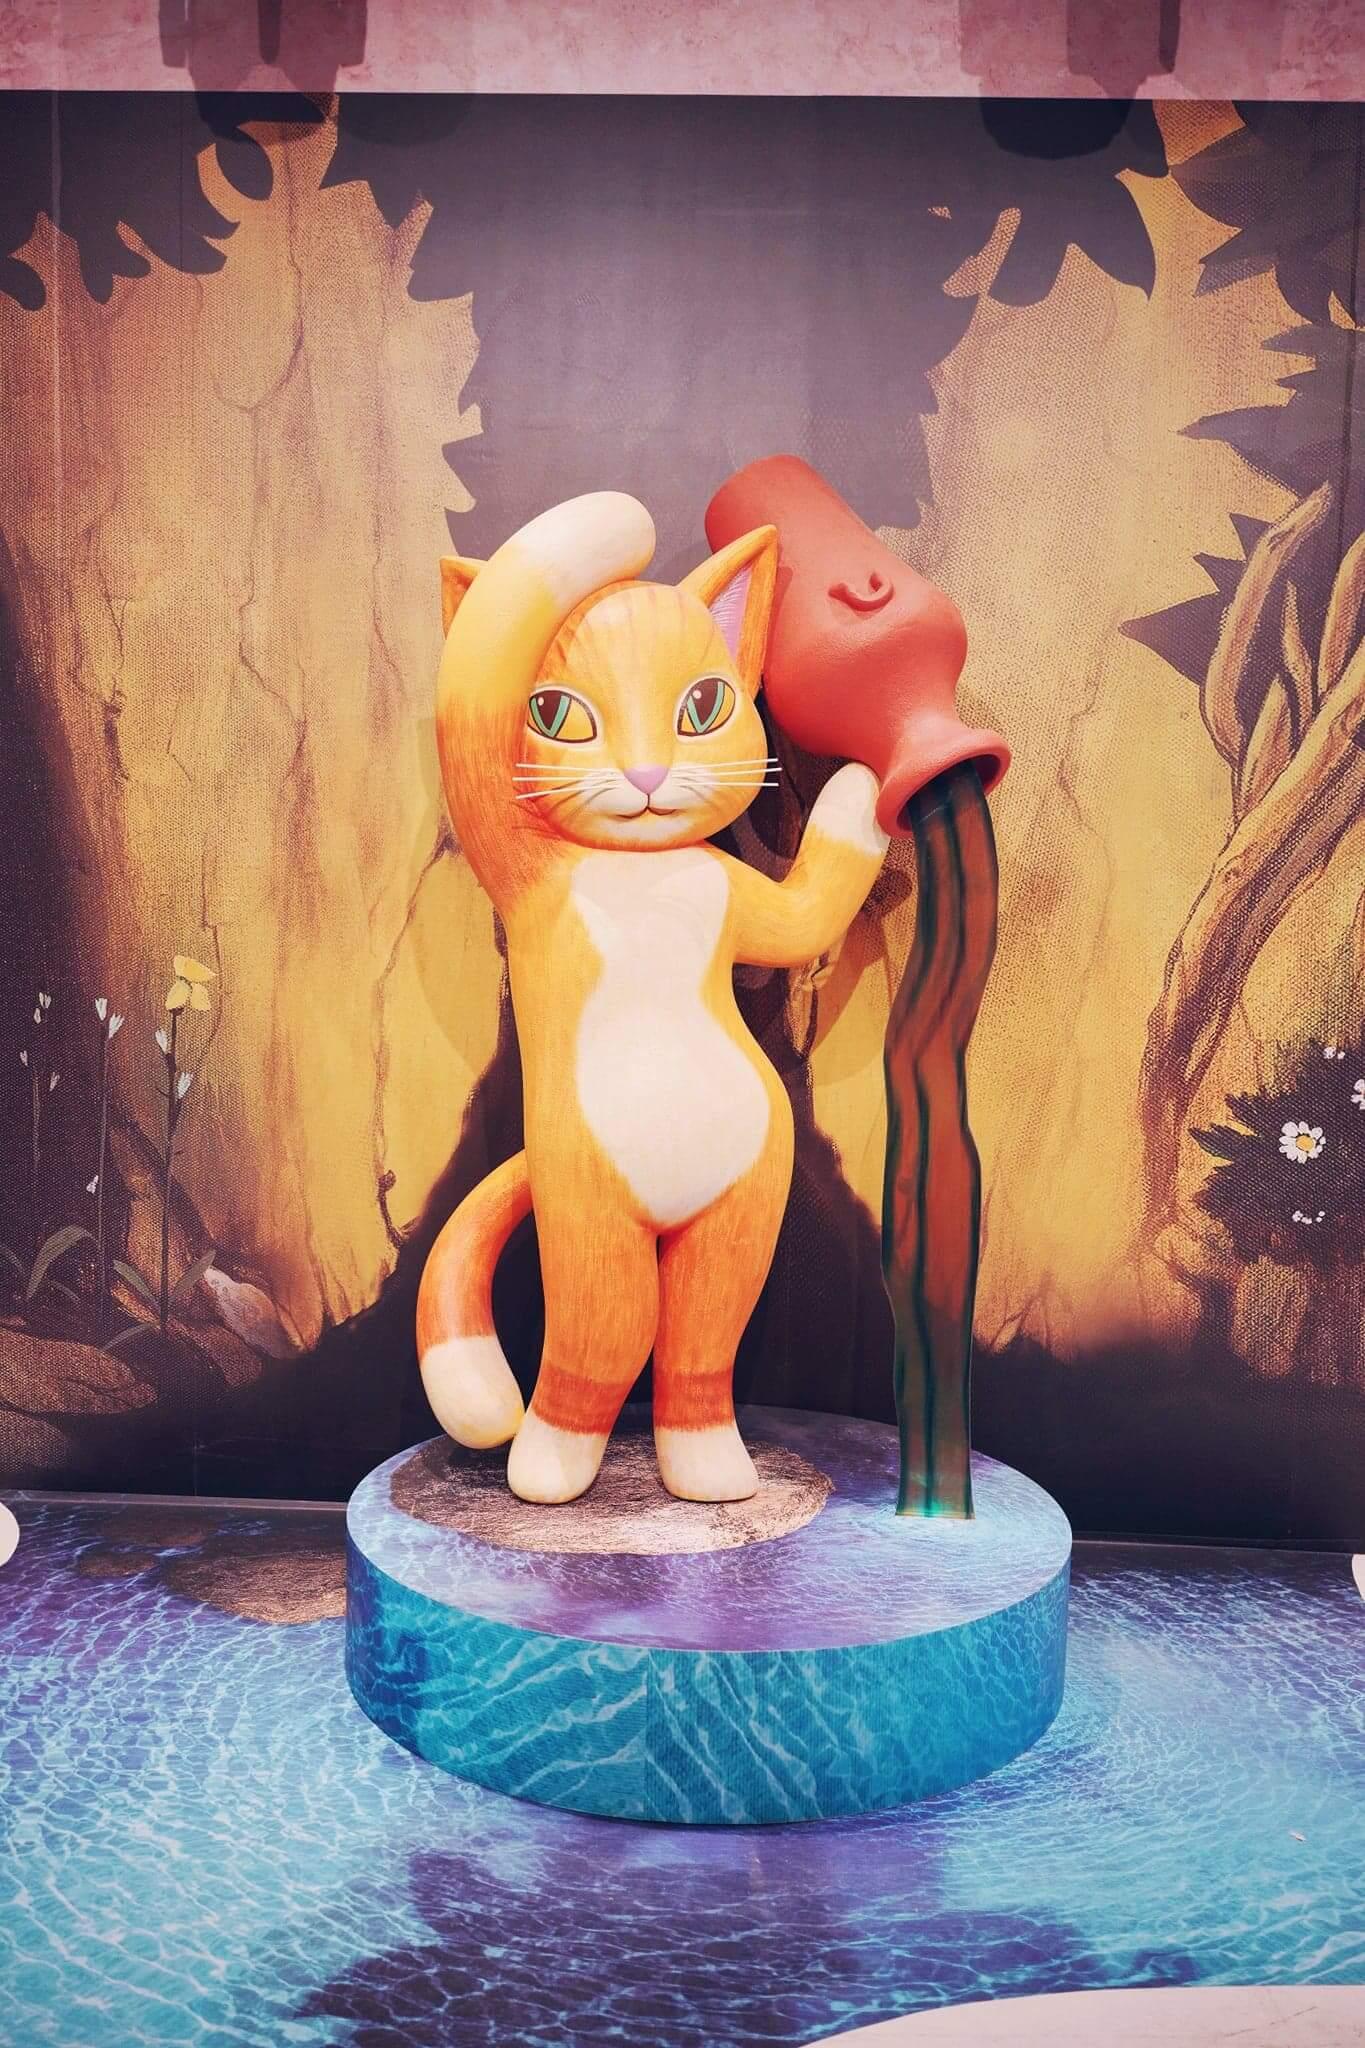 站在《貓之泉》旁,少女貓彷彿會把泉水潑到自己!